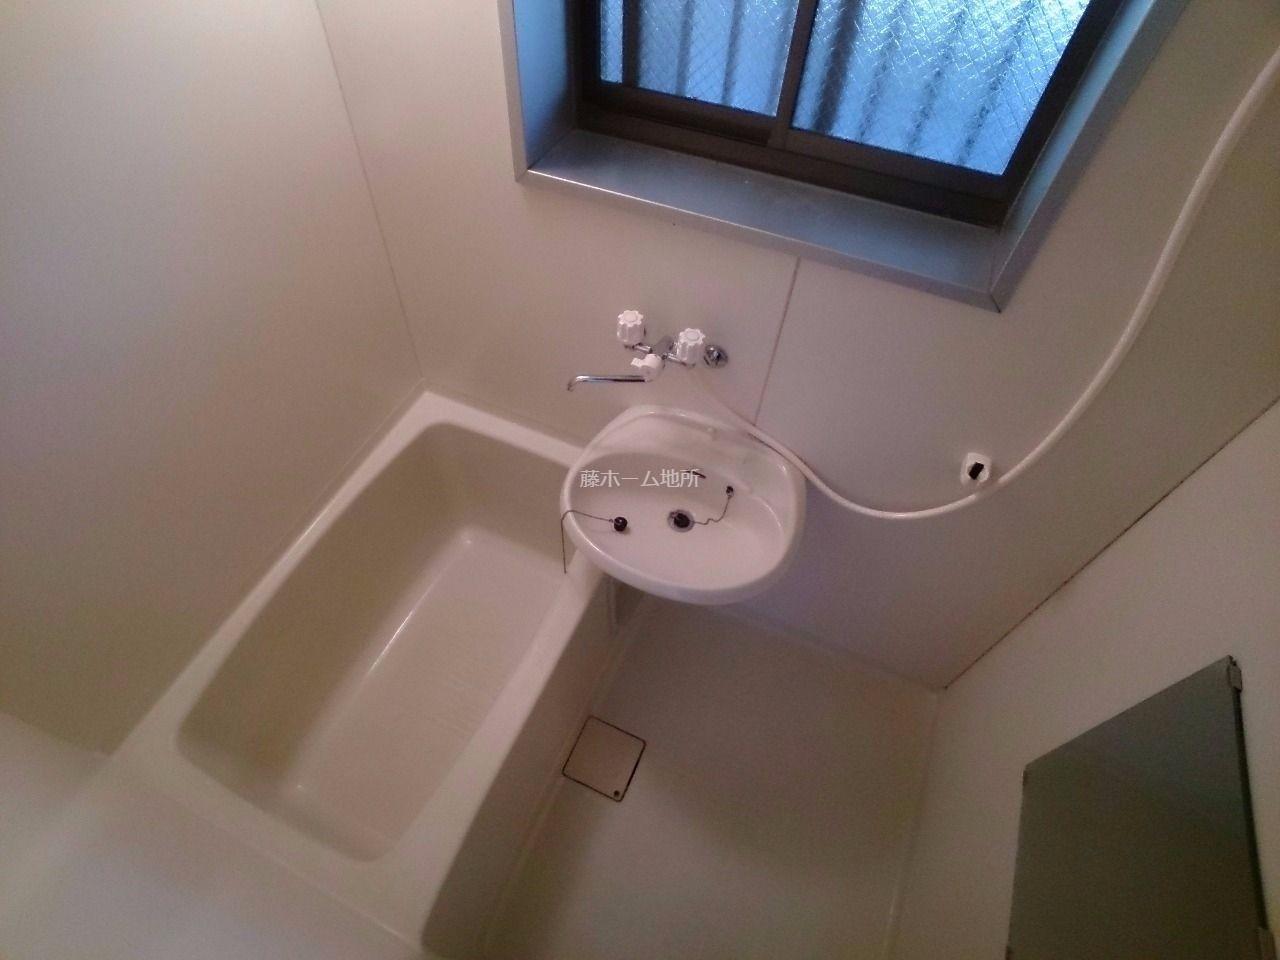 窓が付いており、換気のしやすい浴室です